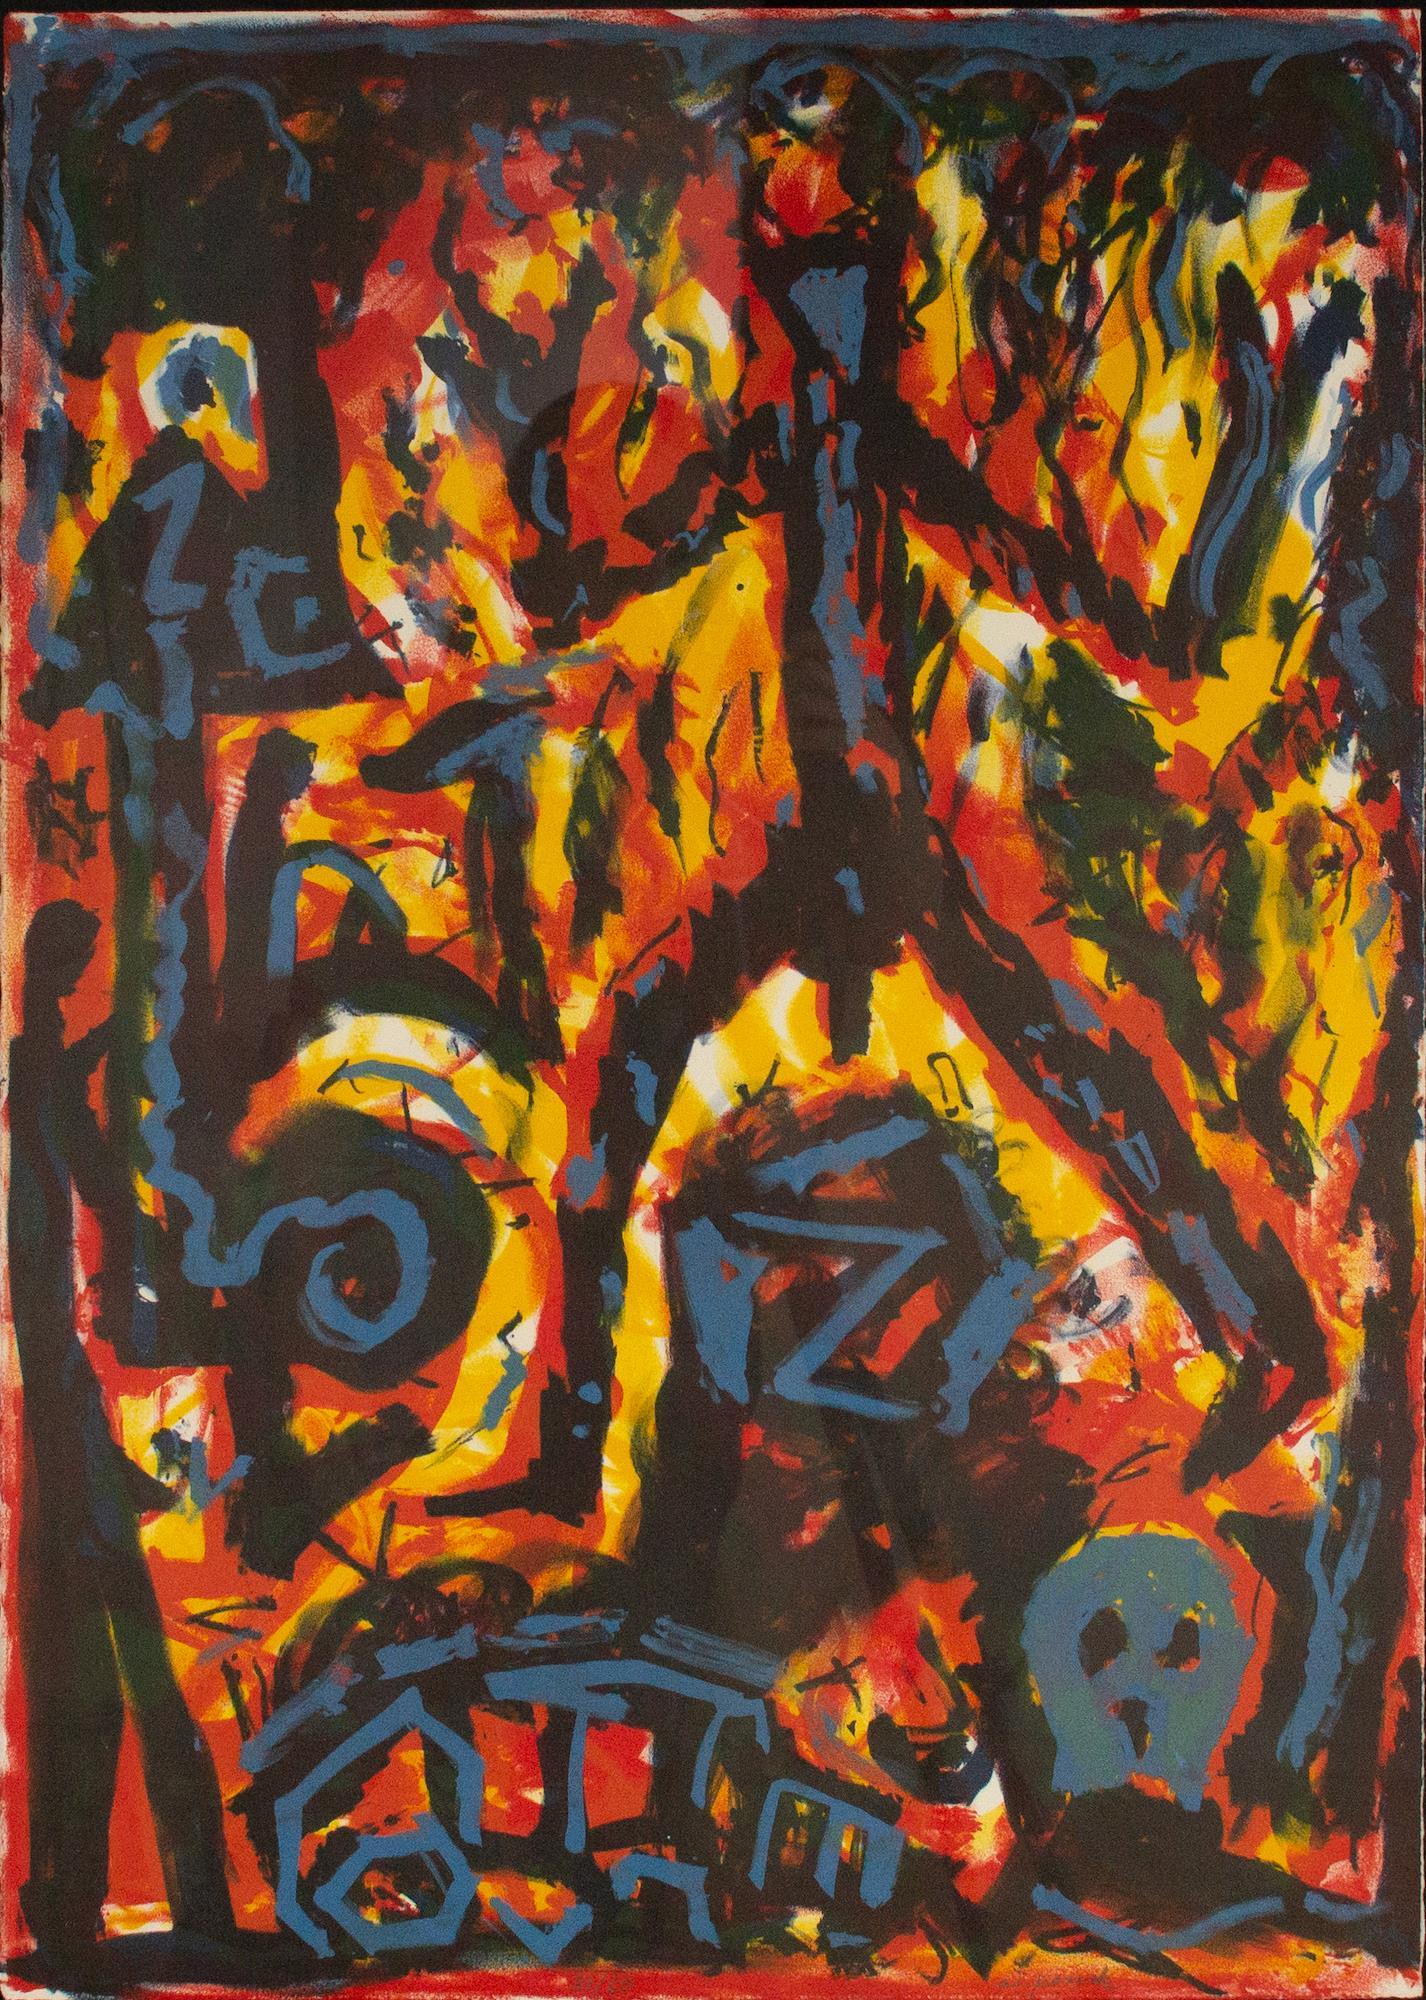 Flammen - Penck, A.R. - k-409PEN1